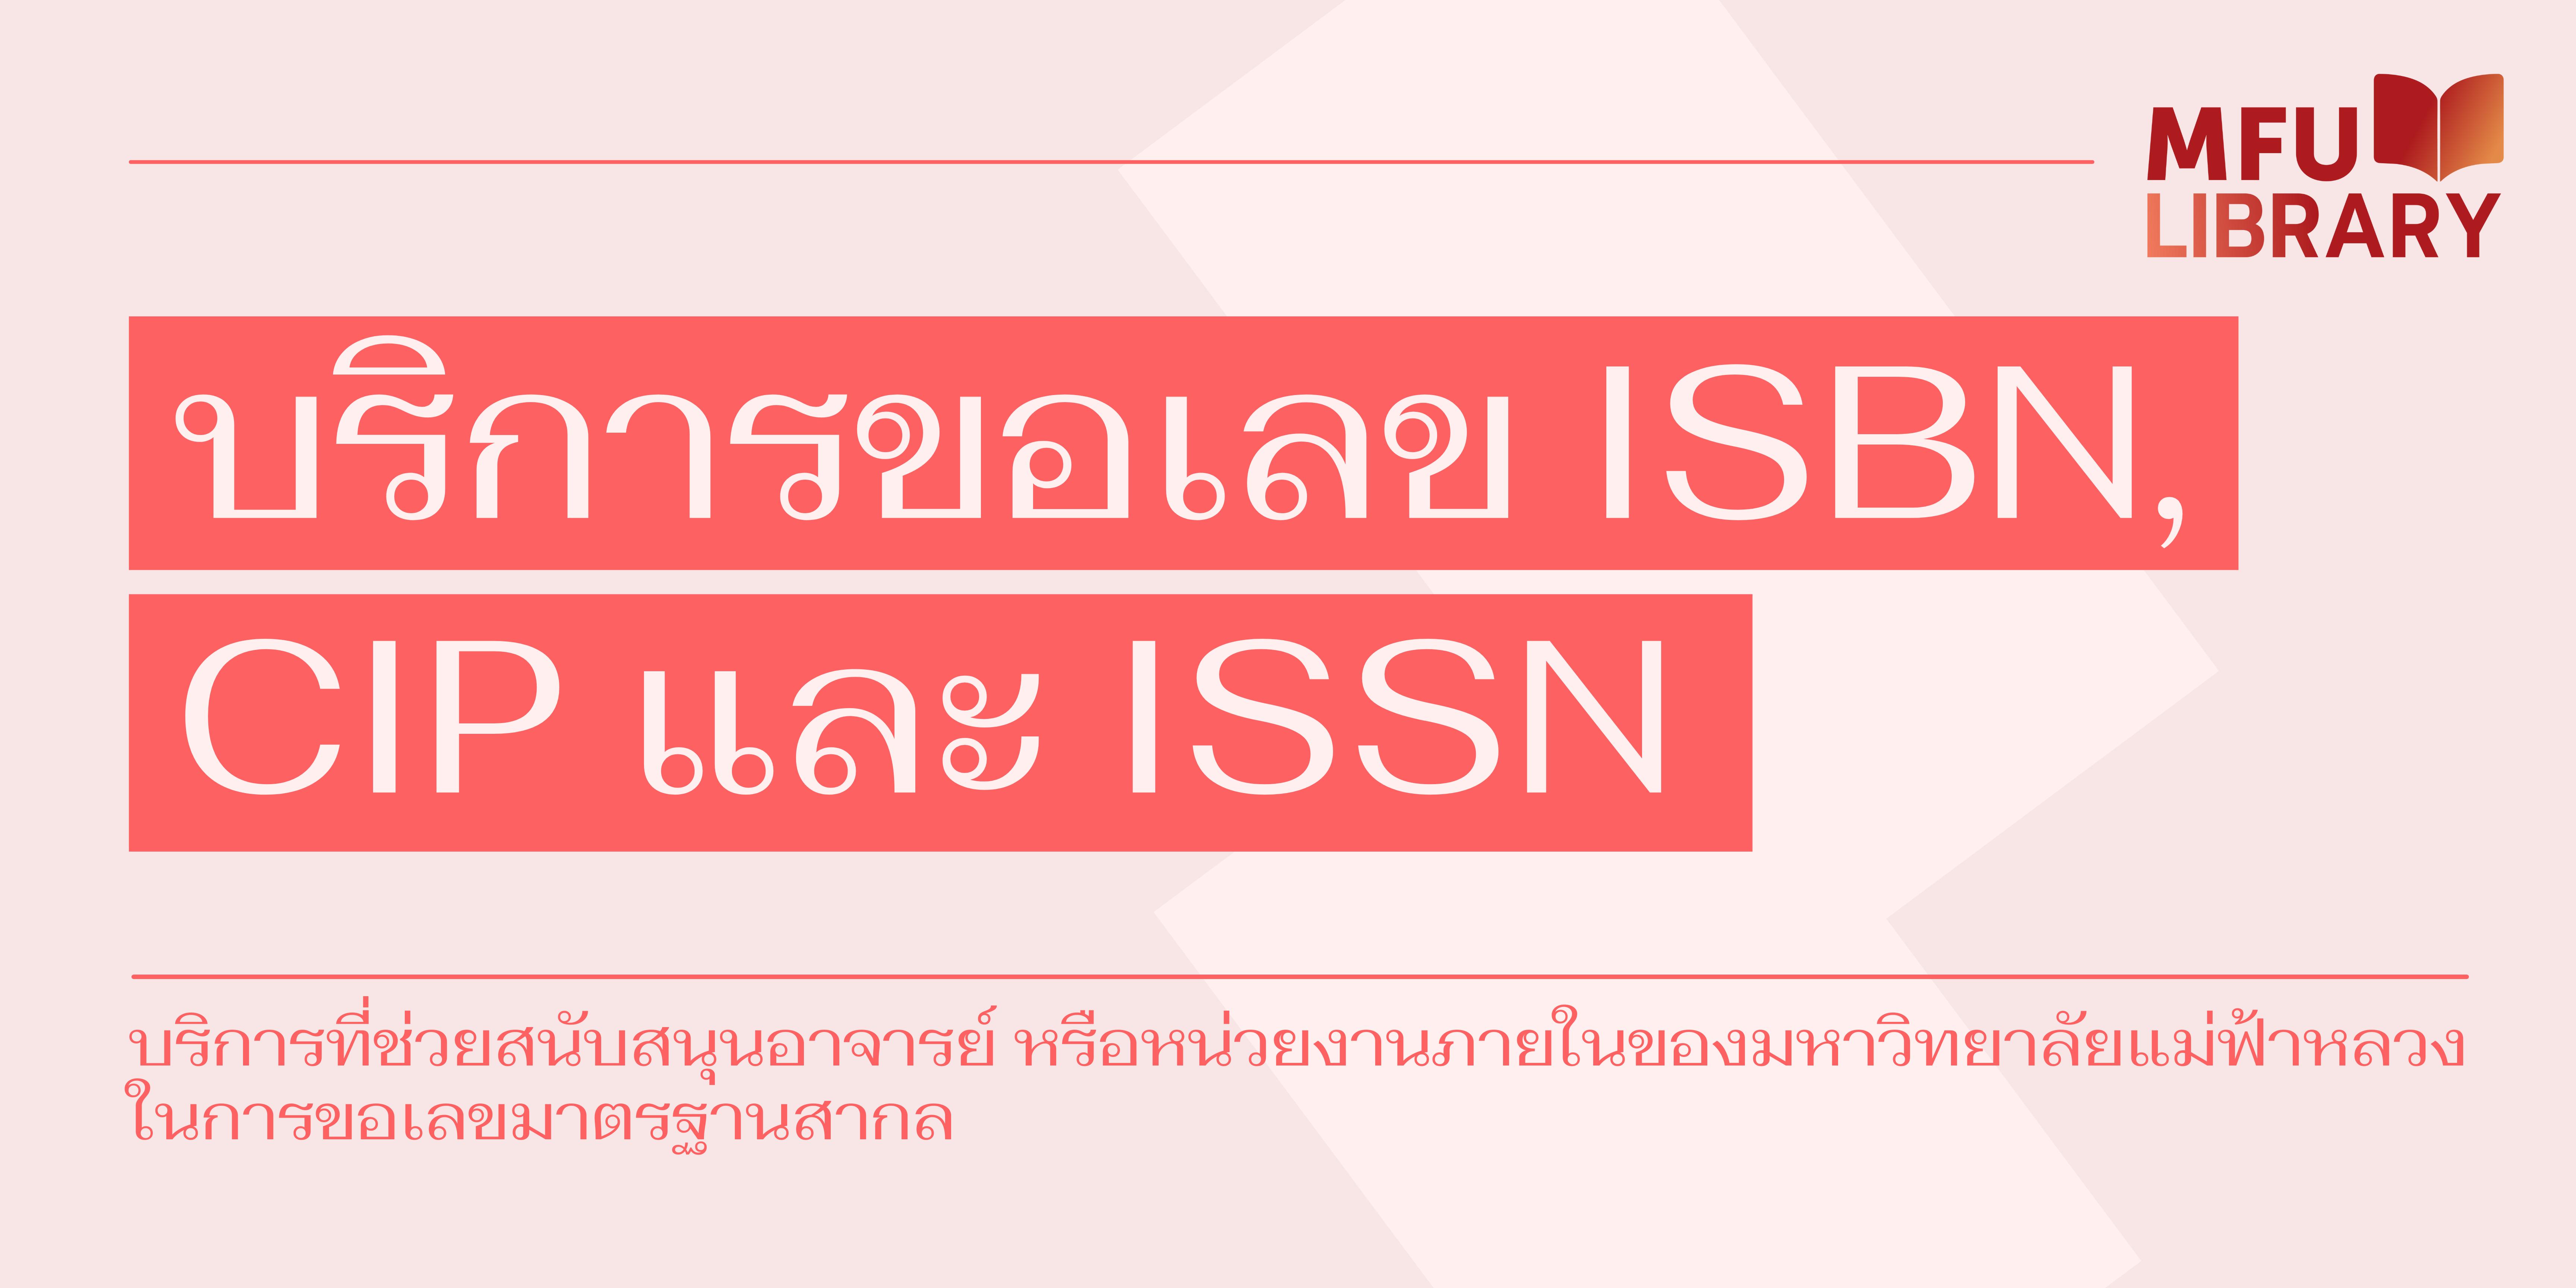 isbn-web-head